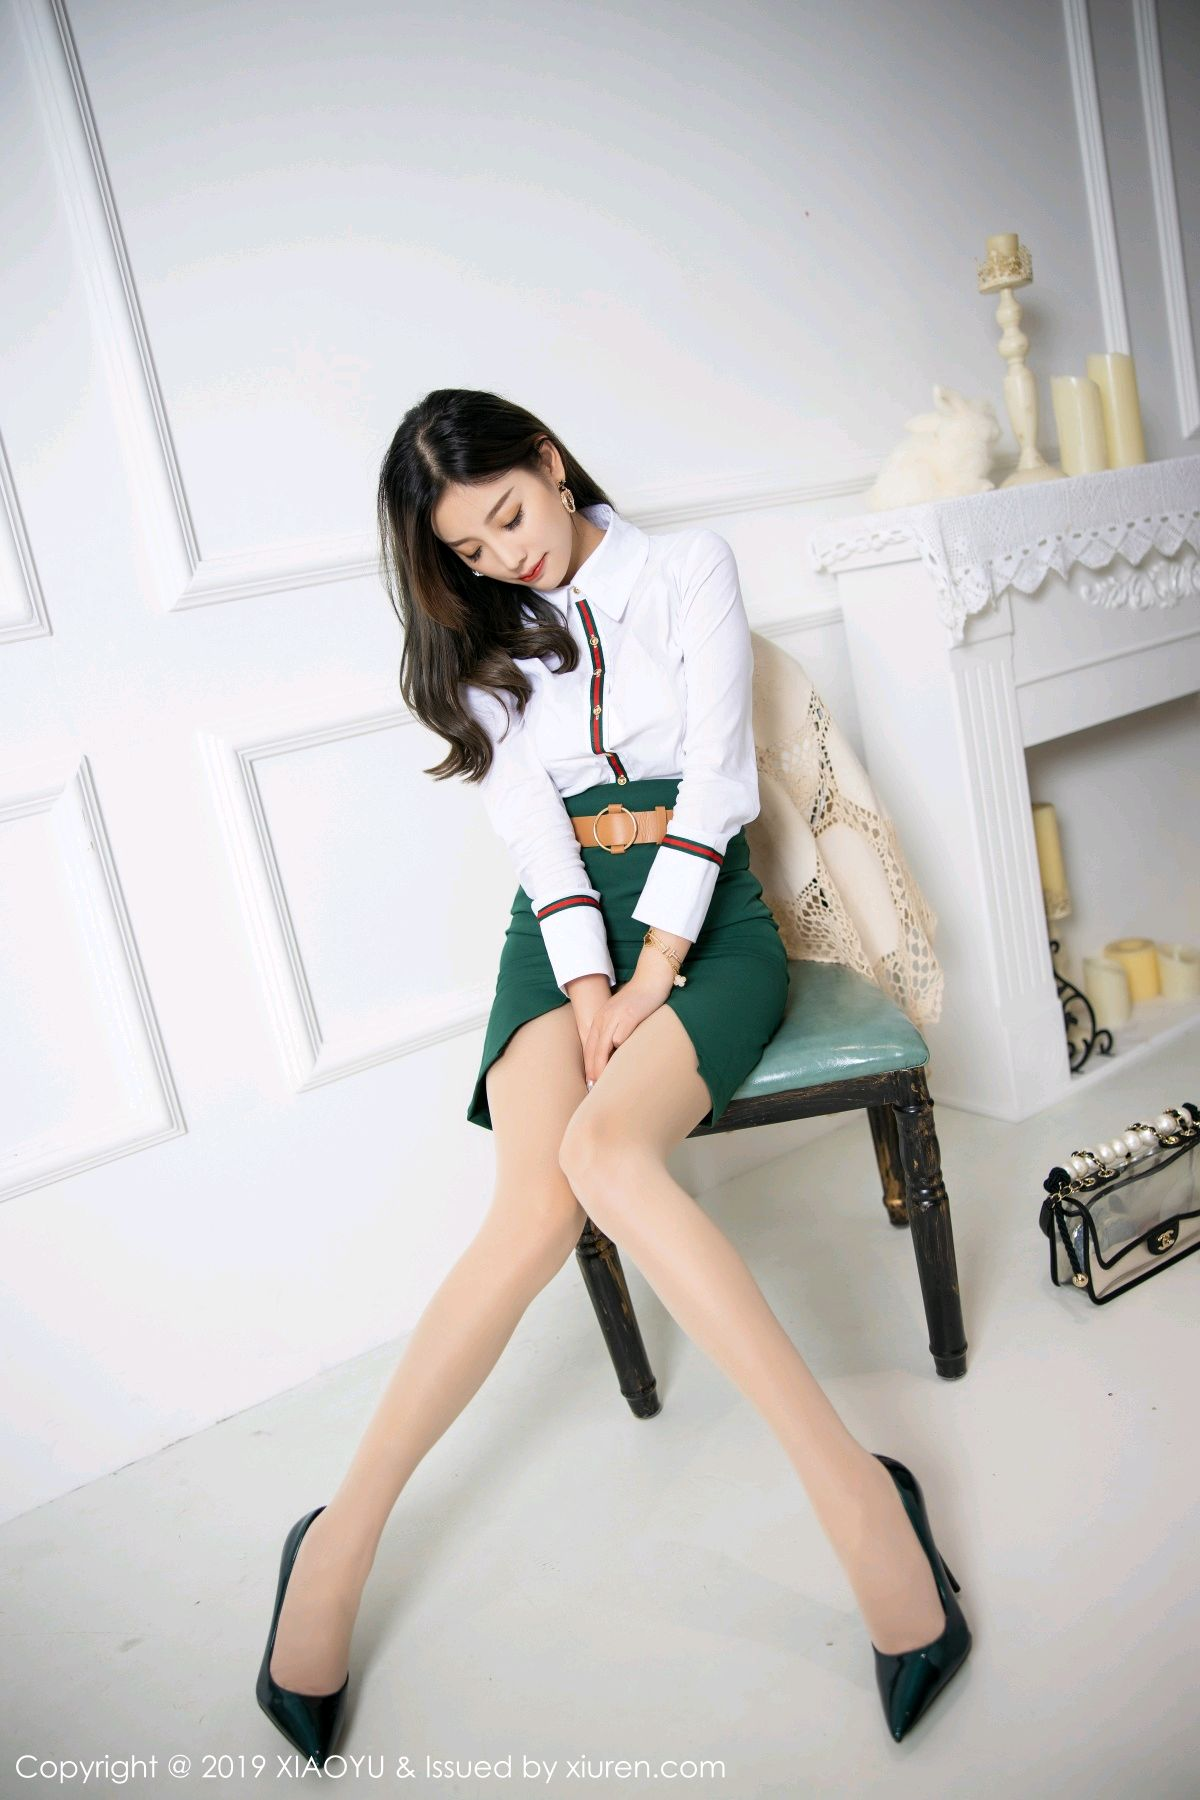 [XiaoYu] Vol.148 Yang Chen Chen 20P, Black Silk, XiaoYu, Yang Chen Chen